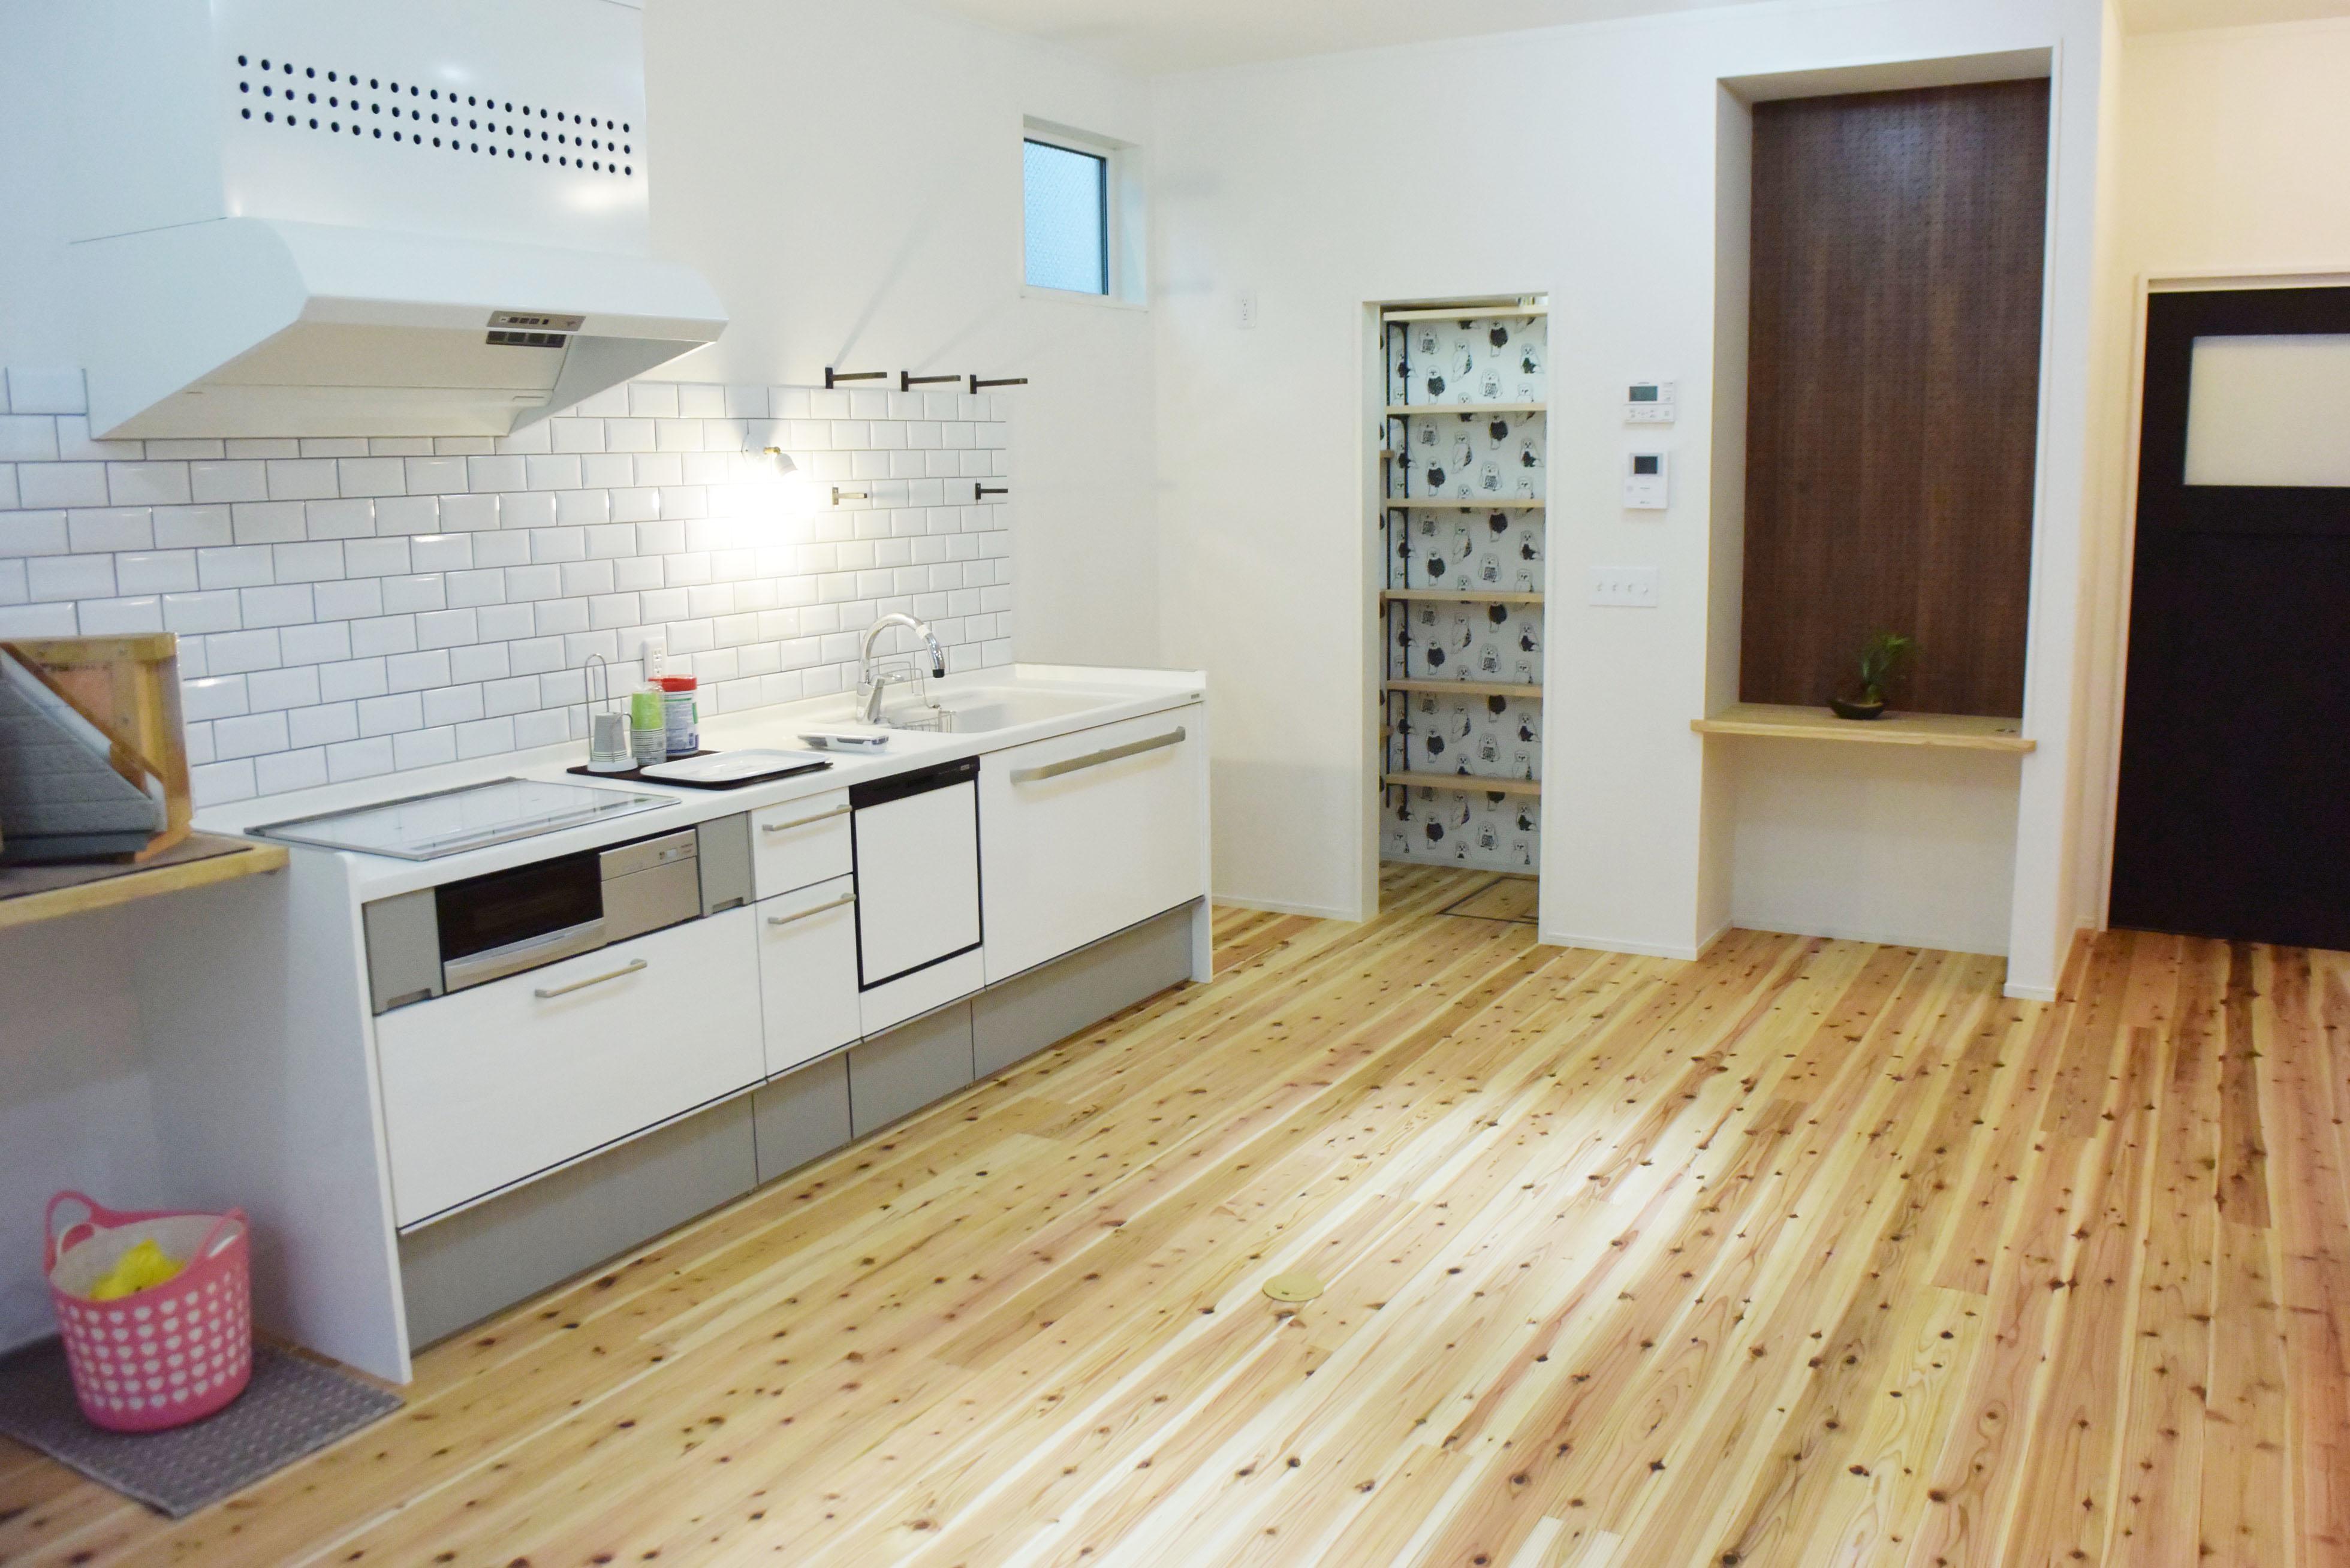 キッチンカウンターの右側には、おしゃれなバントリースペースを設置しました。